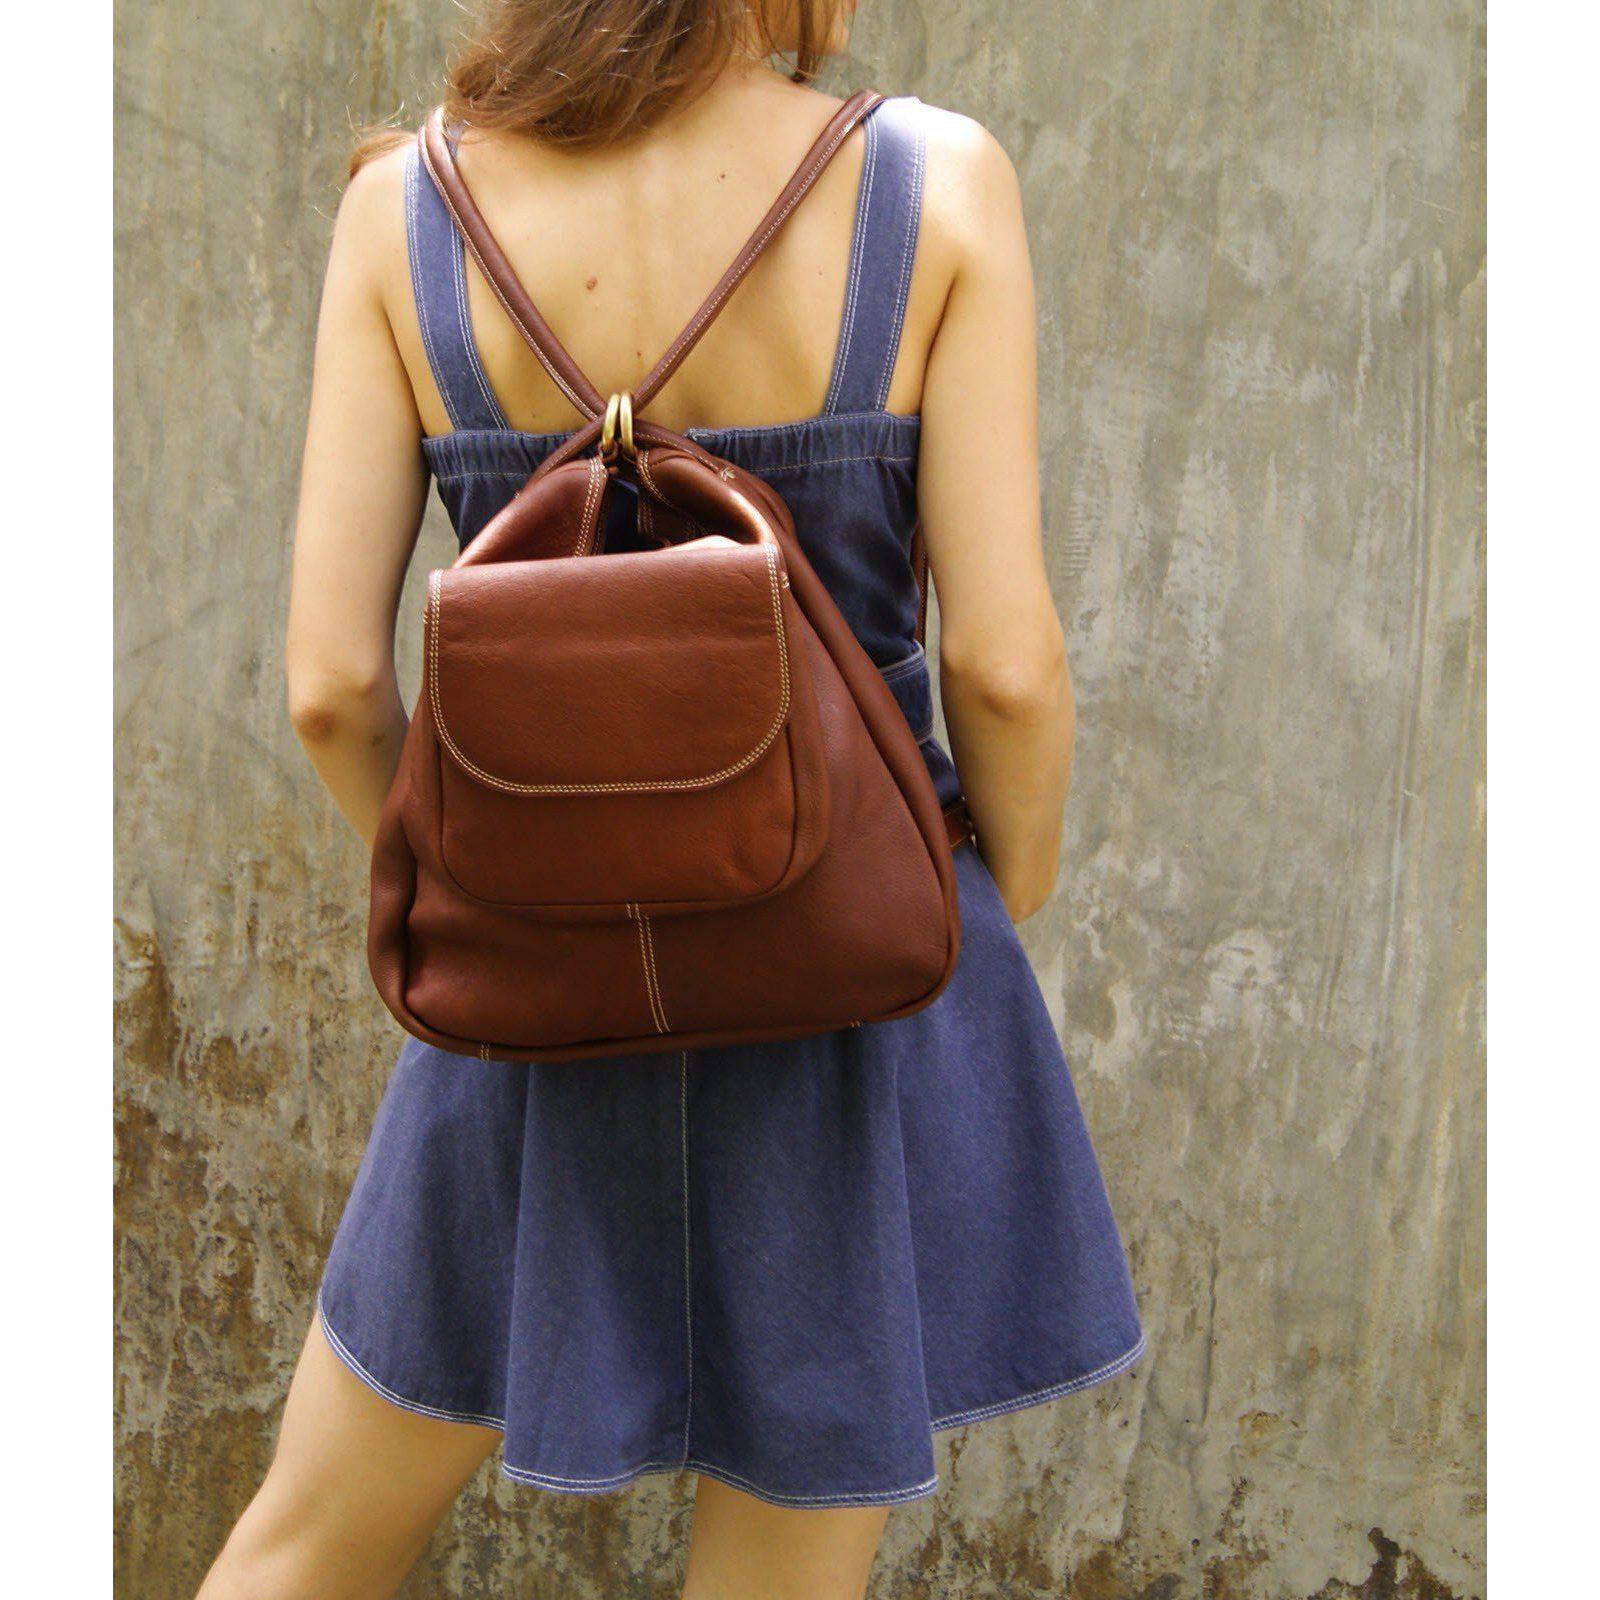 По каким параметрам выбирают молодежные рюкзаки?